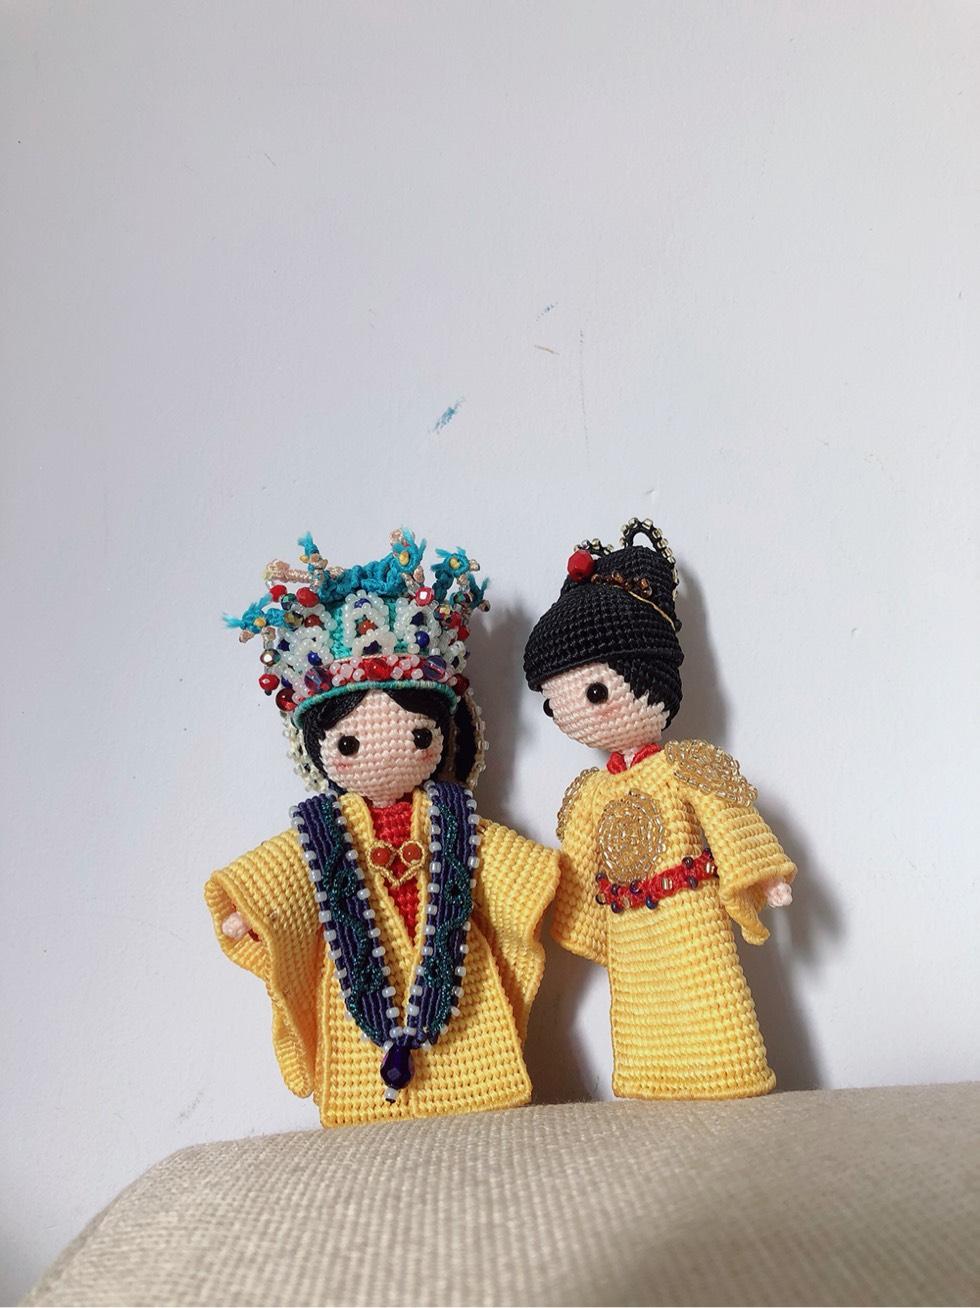 中国结论坛 明朝皇帝 清朝皇帝,明朝最伟大的三个皇帝,明朝十六位皇帝列表,明朝最后一个皇帝,明朝十六帝个个是奇葩 作品展示 195817fqxg7p2y3fp7xz11